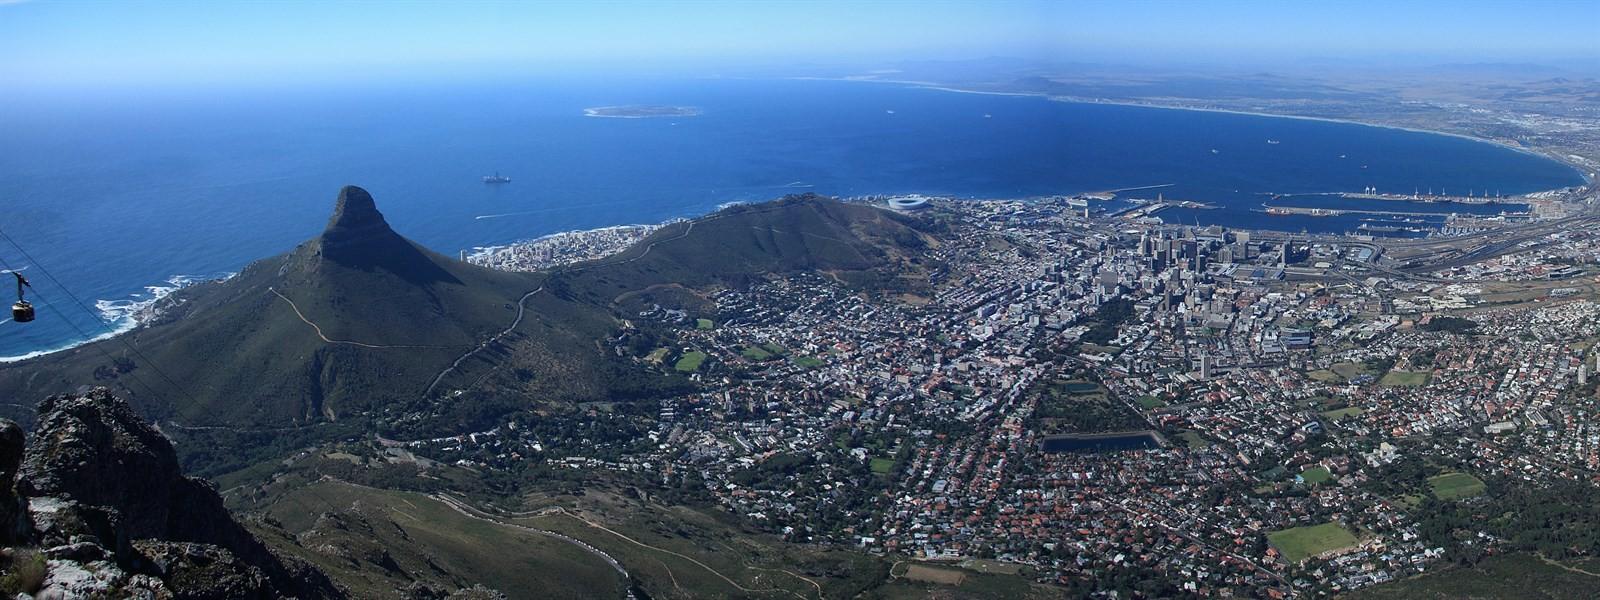 Rundreise durch Südafrika im Winter 2011/12